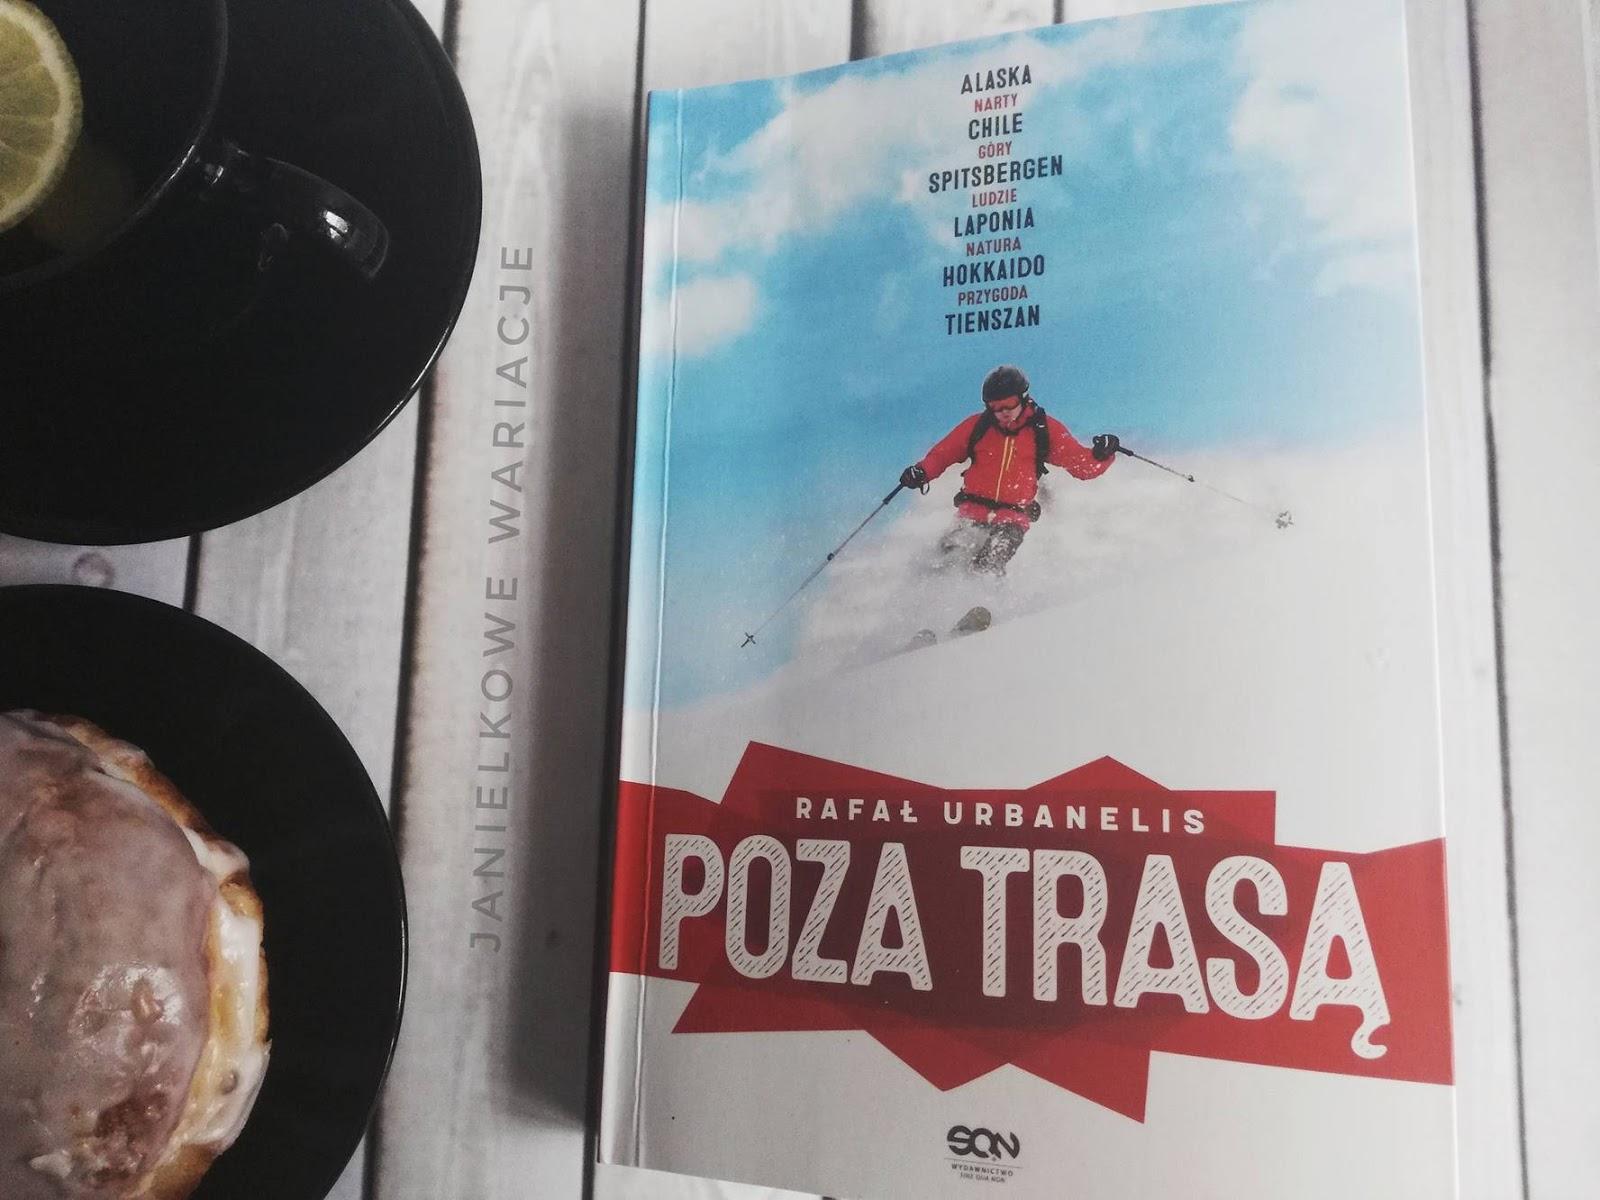 Rafał Urbanelis Poza trasą - recenzja